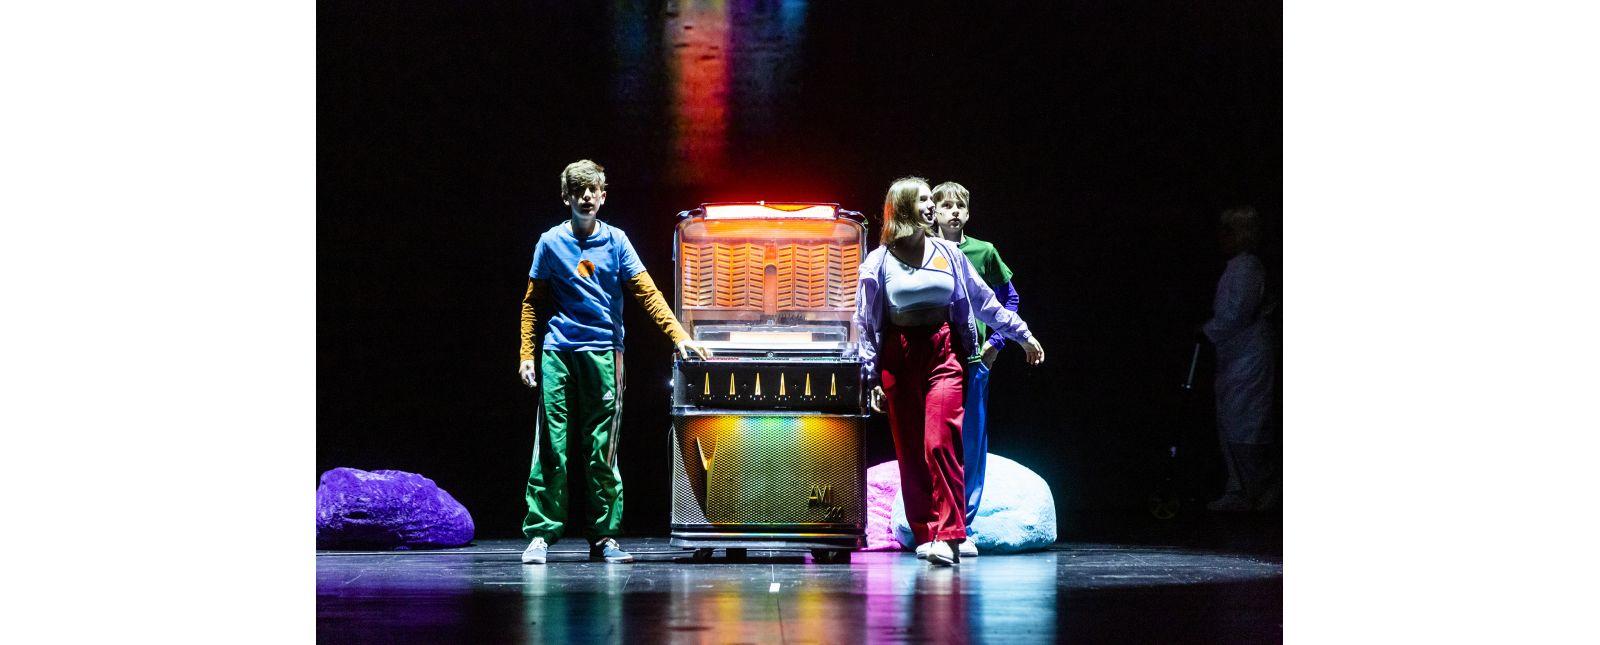 Jukeboxopera // Die Zeitreise der Jugendlichen beginnt mit der Jukebox / Iva Rießler / Leander Neumann / Laurin Pfau / Statisterie Theater Freiburg // Foto: Rainer Muranyi